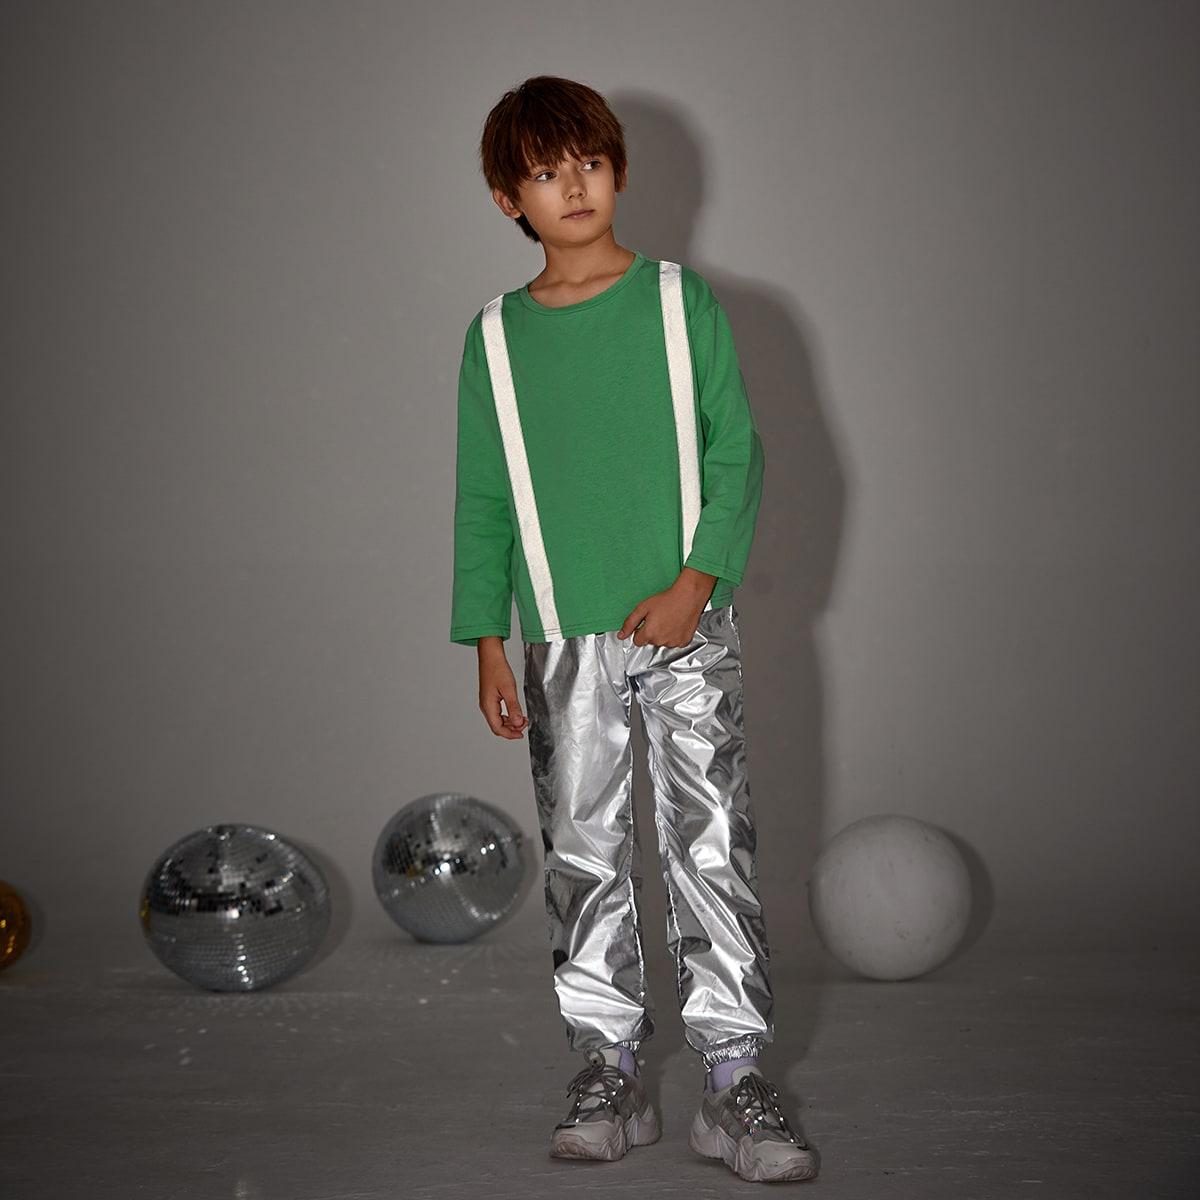 Карман контрастный цвет повседневный комплекты для мальчиков